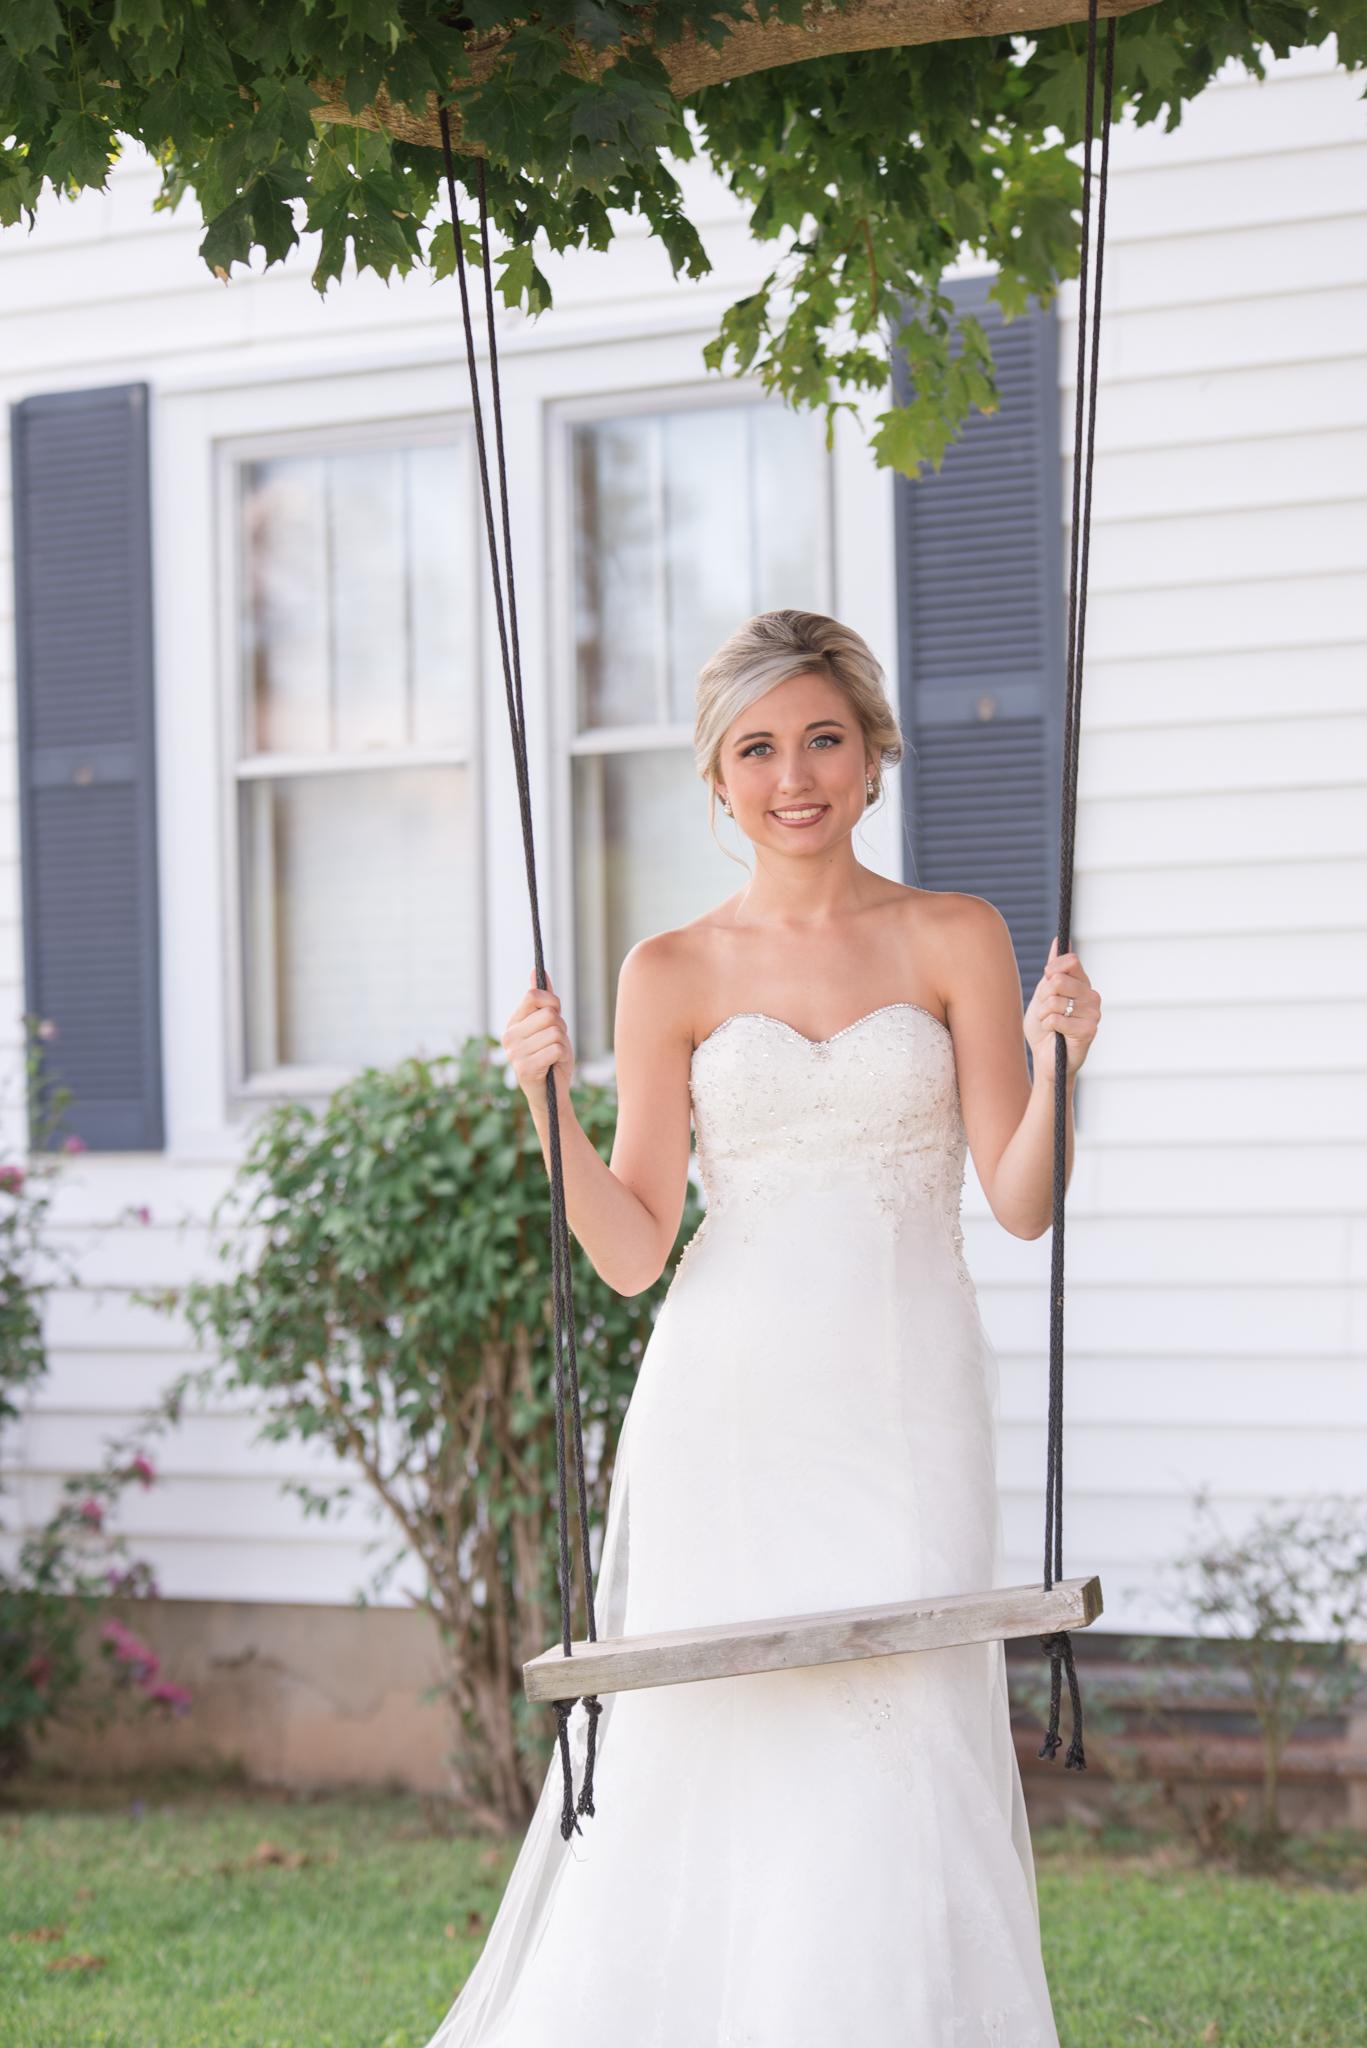 bride, KY bride, Mt Sterling, outdoor wedding, KY wedding